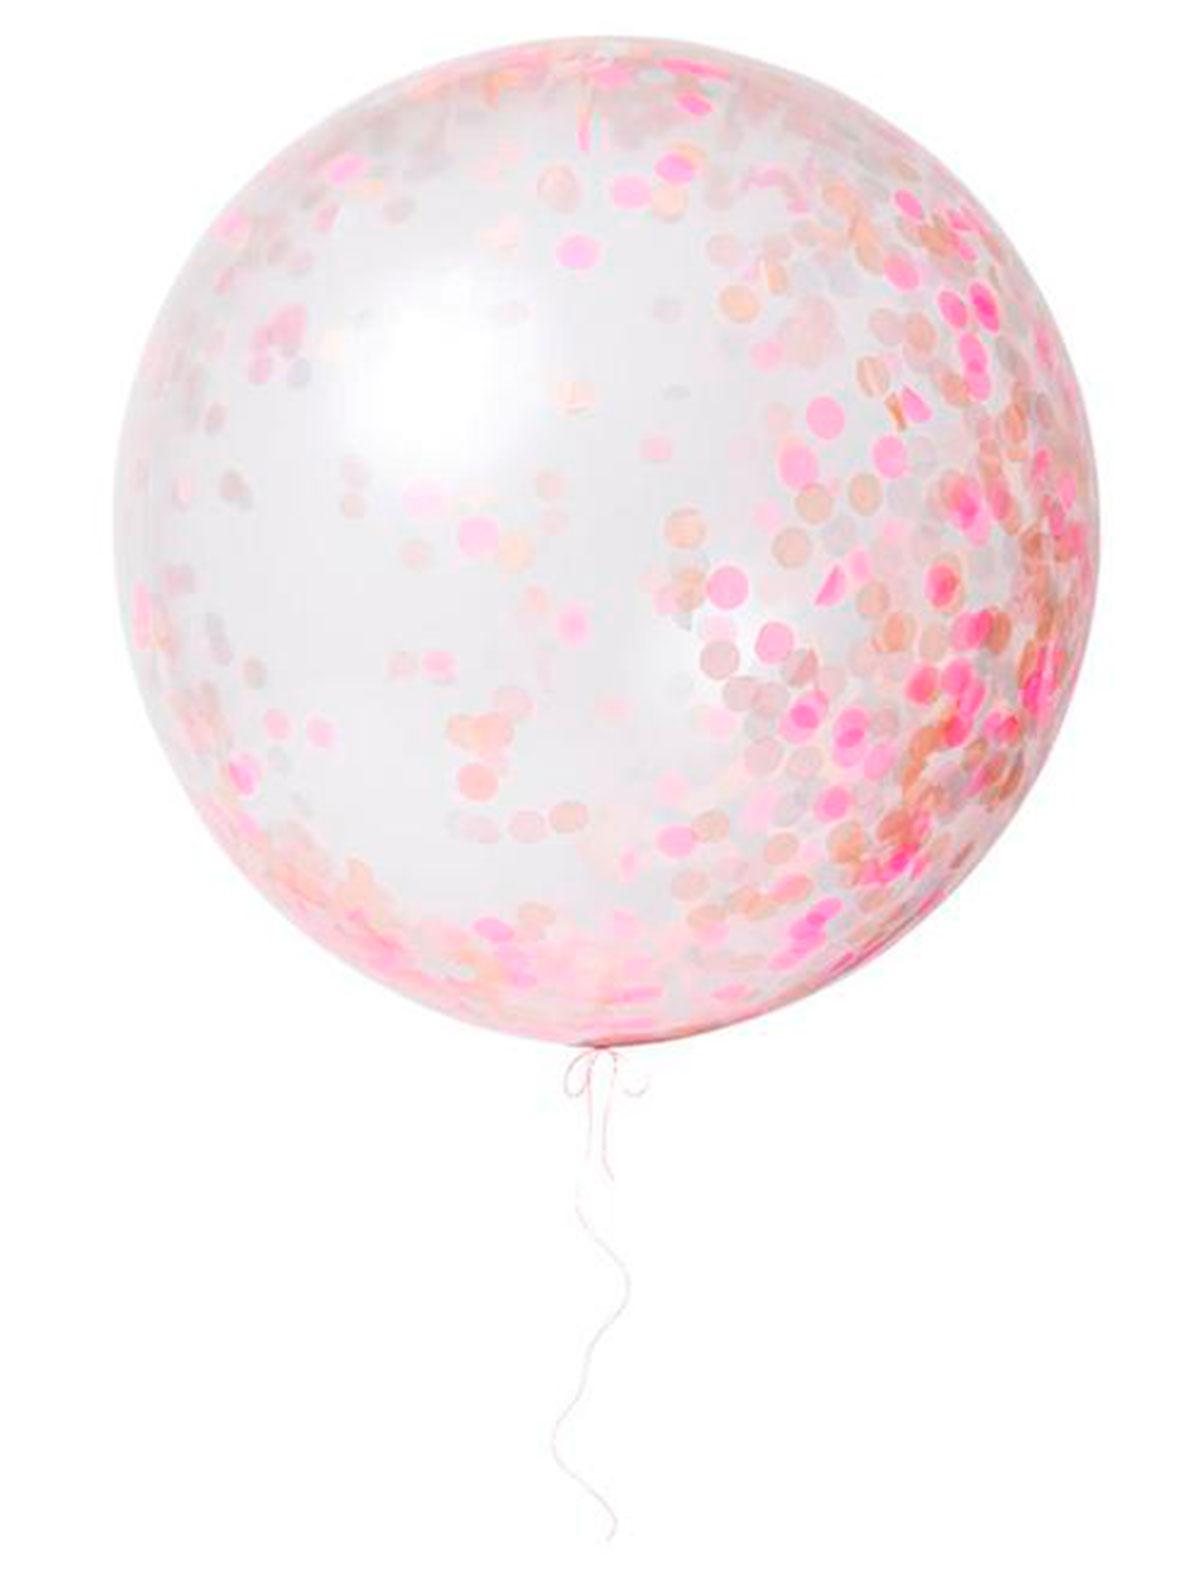 2221650, Воздушный шар Meri Meri, розовый, 6704520080057  - купить со скидкой